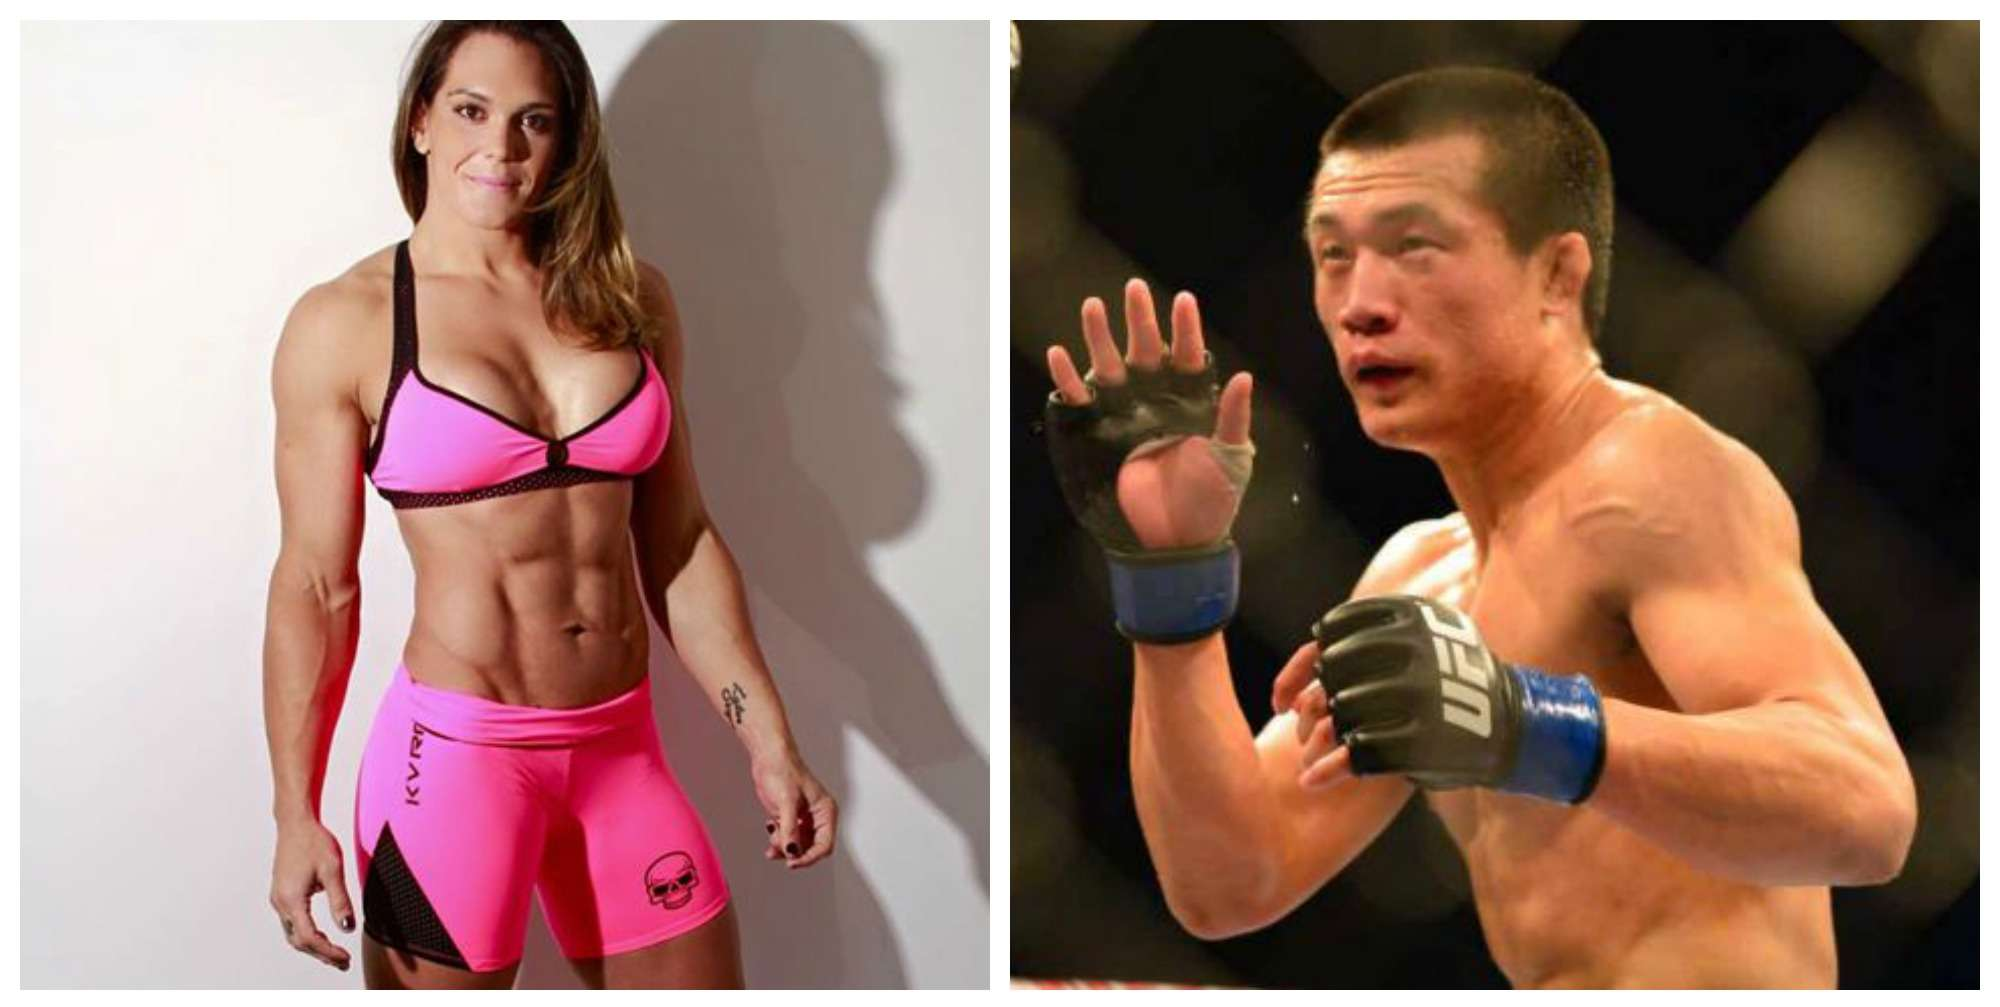 """Breves de MMA: El """"Korean Zombie"""" cerca de regresar al octágono; programada la siguiente pelea de Gabi García 7"""